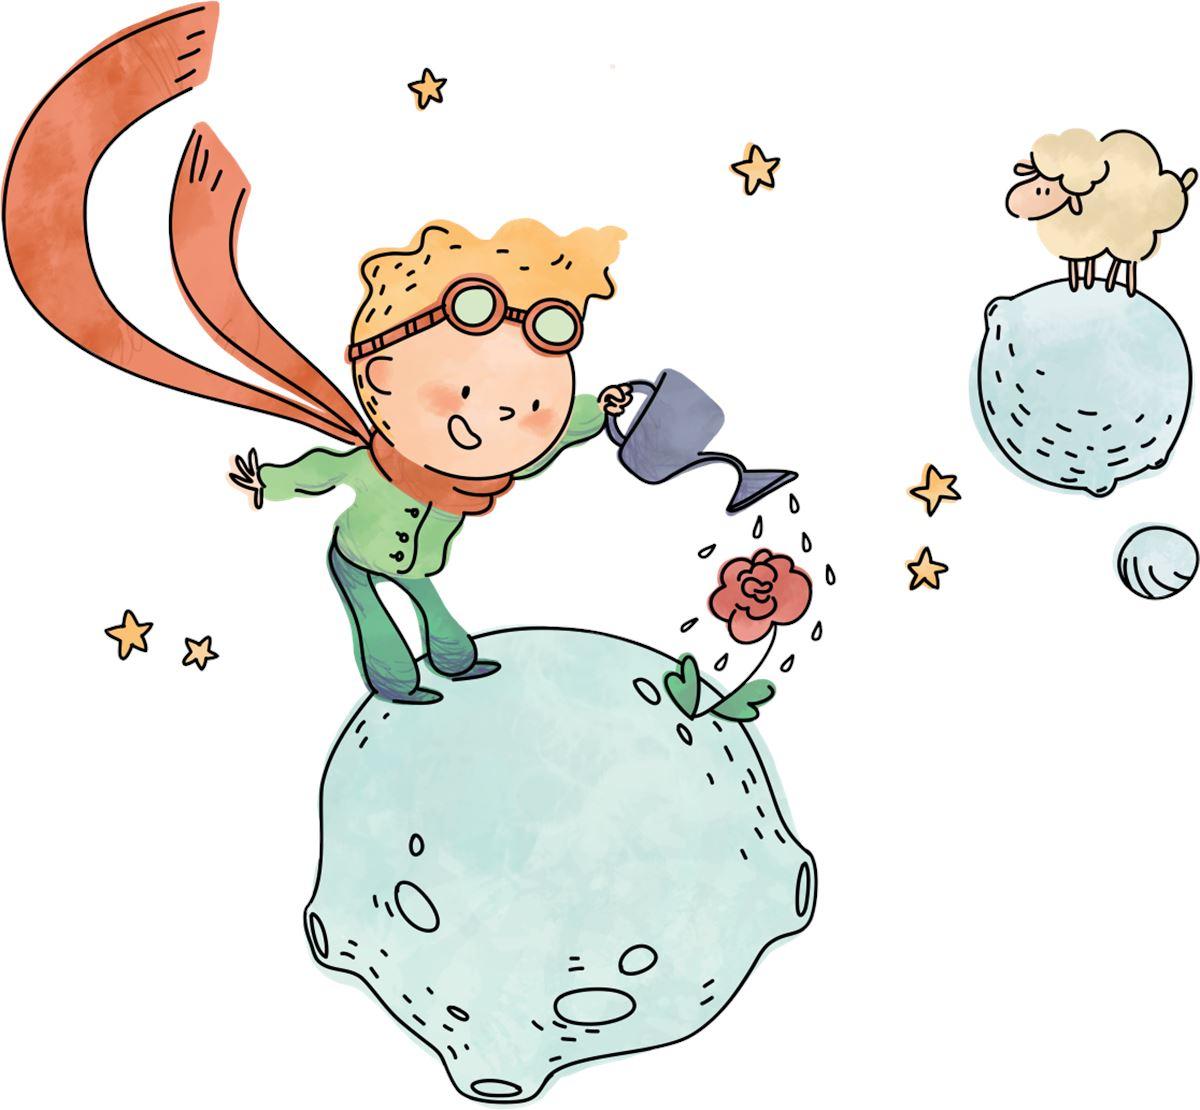 Favorito Adesivi Murali: Il piccolo principe contadino | LeoStickers DG19